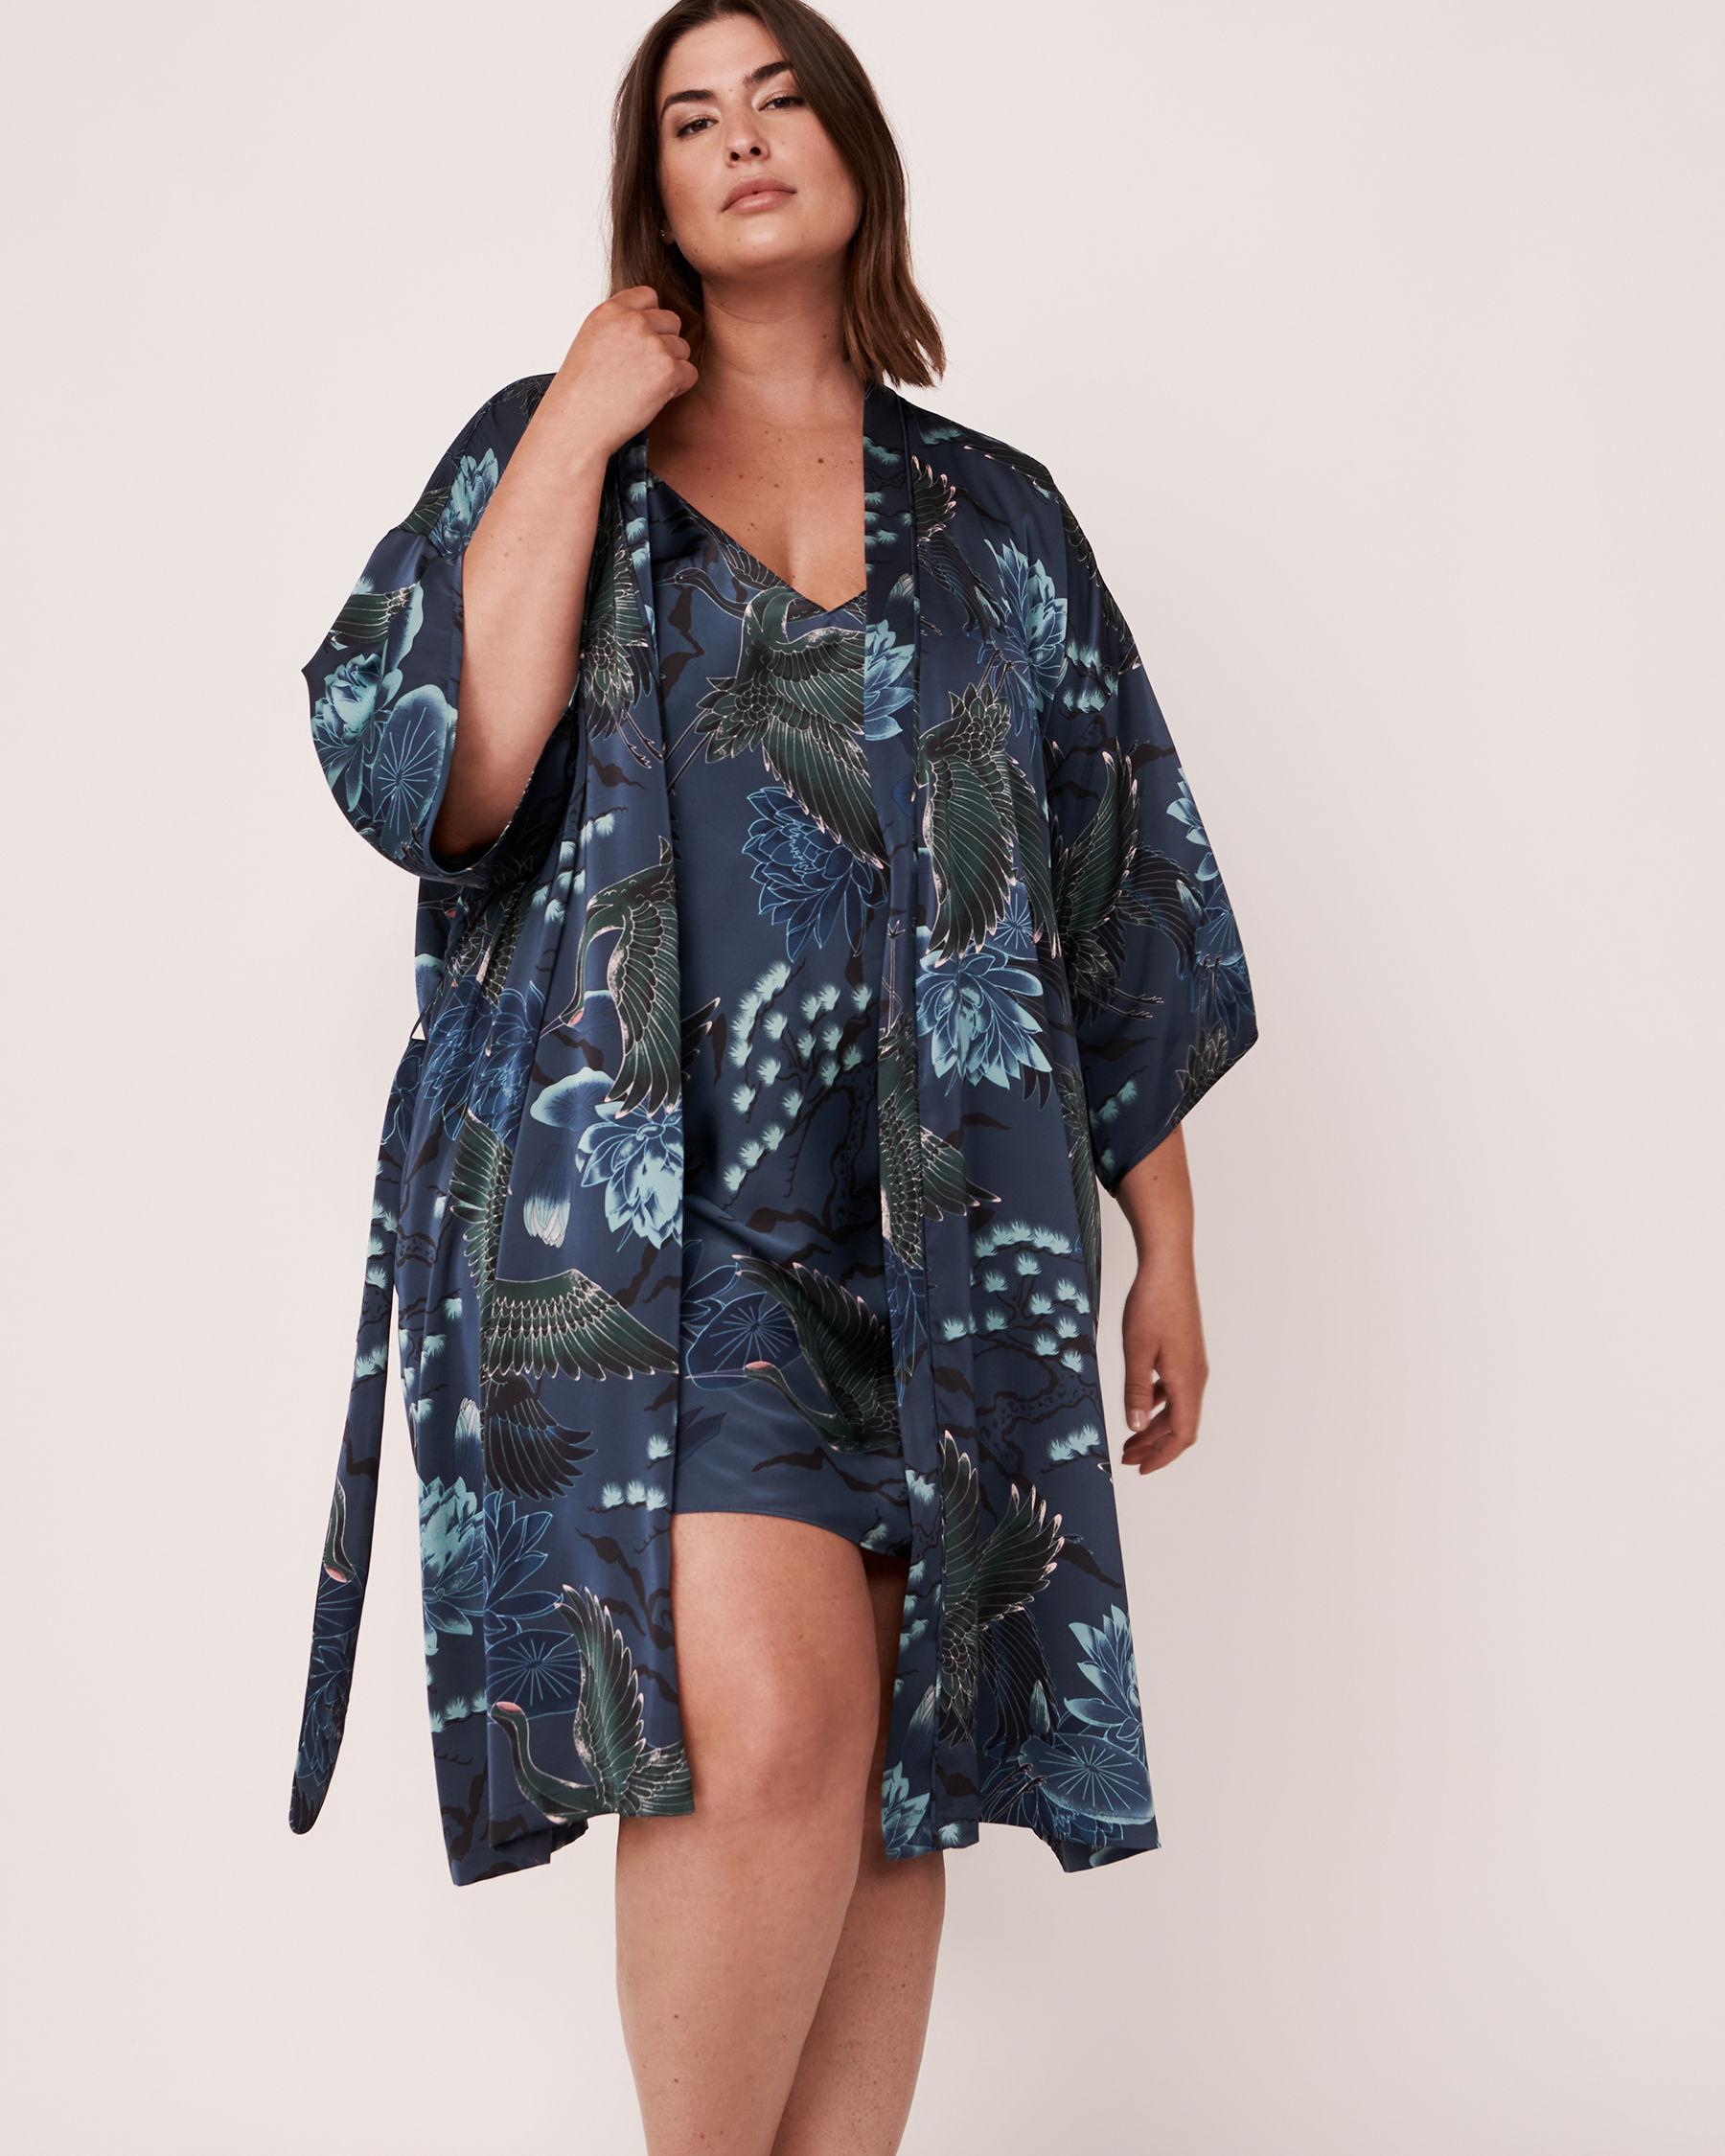 LA VIE EN ROSE Satin Kimono Bird 40600019 - View4